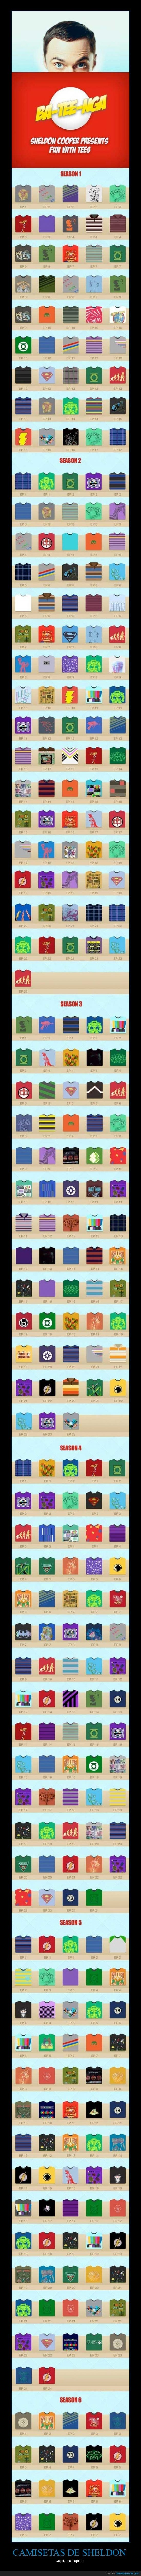 Sheldon's Tshirts Season by Season